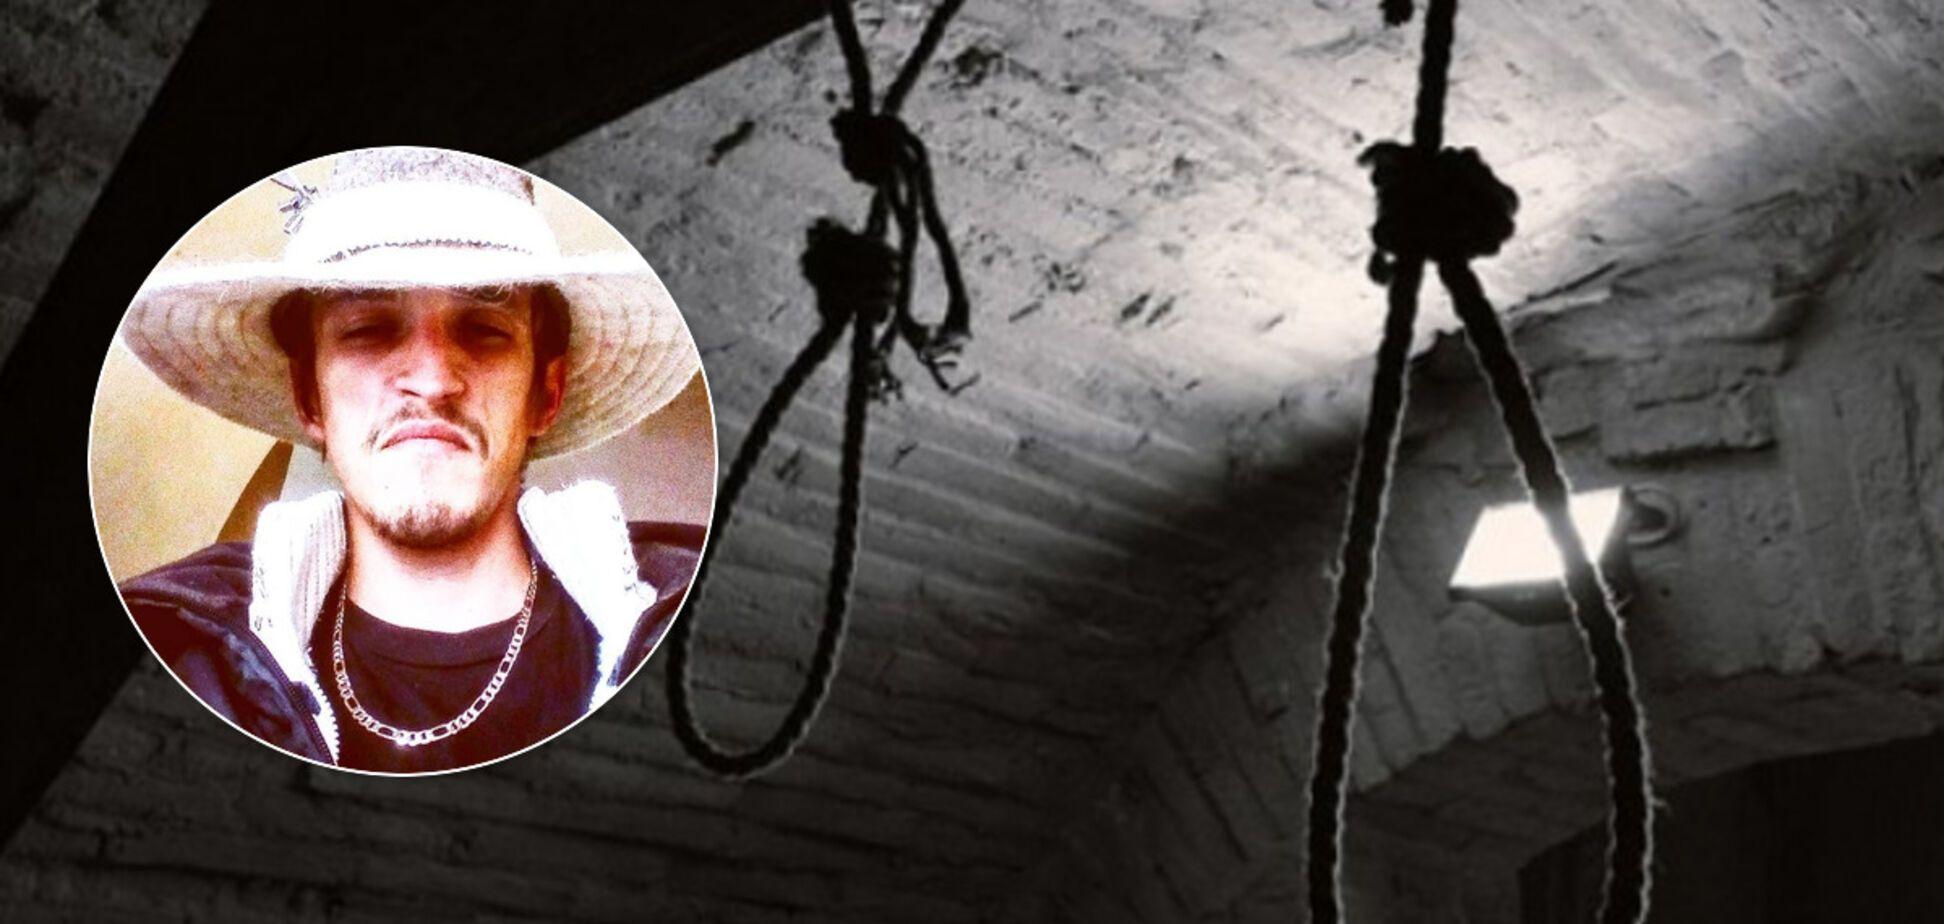 'Я вас проклинаю!' В Мукачево мужчина транслировал свое самоубийство в Facebook. Фото 18+